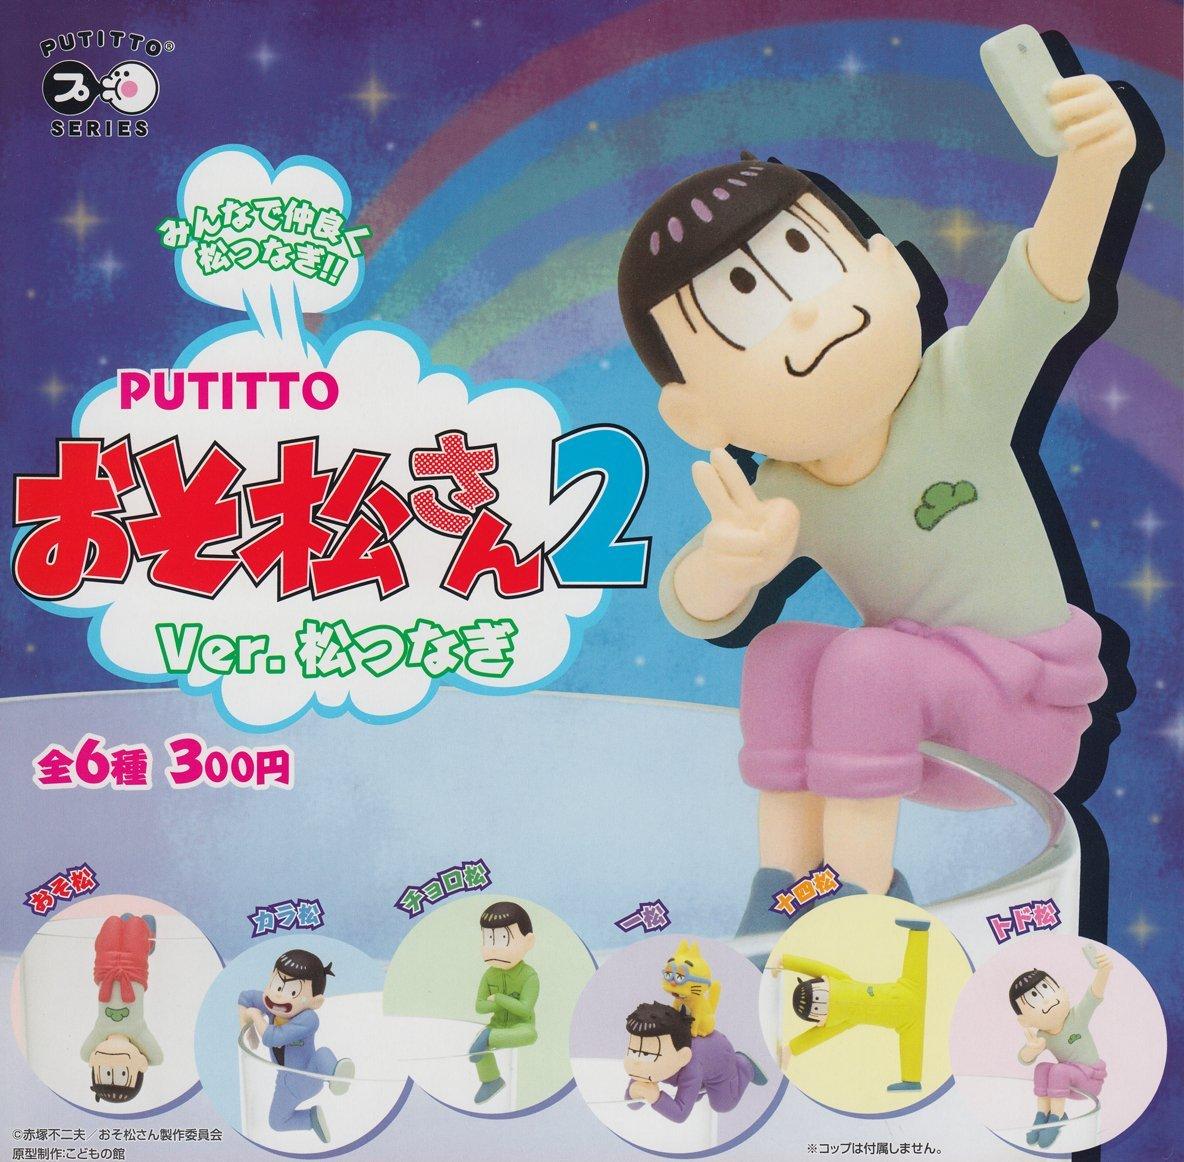 杯邊裝飾 Vol. 2 (6 個入)《阿松 (漫畫)》 Putitto Series 2 (6 Pieces)【Osomatsu-kun】